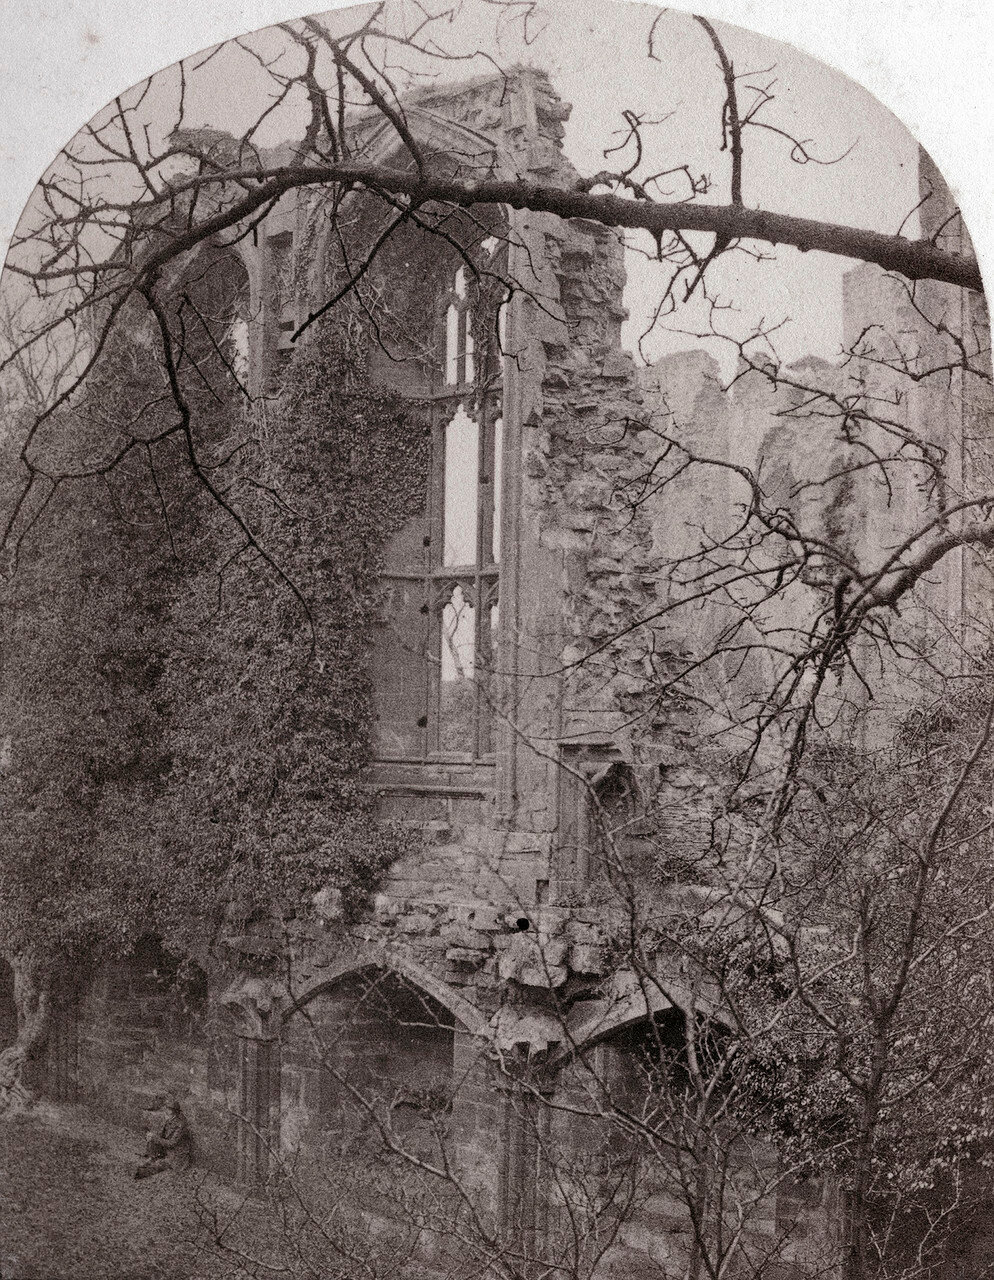 Замок Кенилуэрт, Банкетный зал. Великобритания, 1864